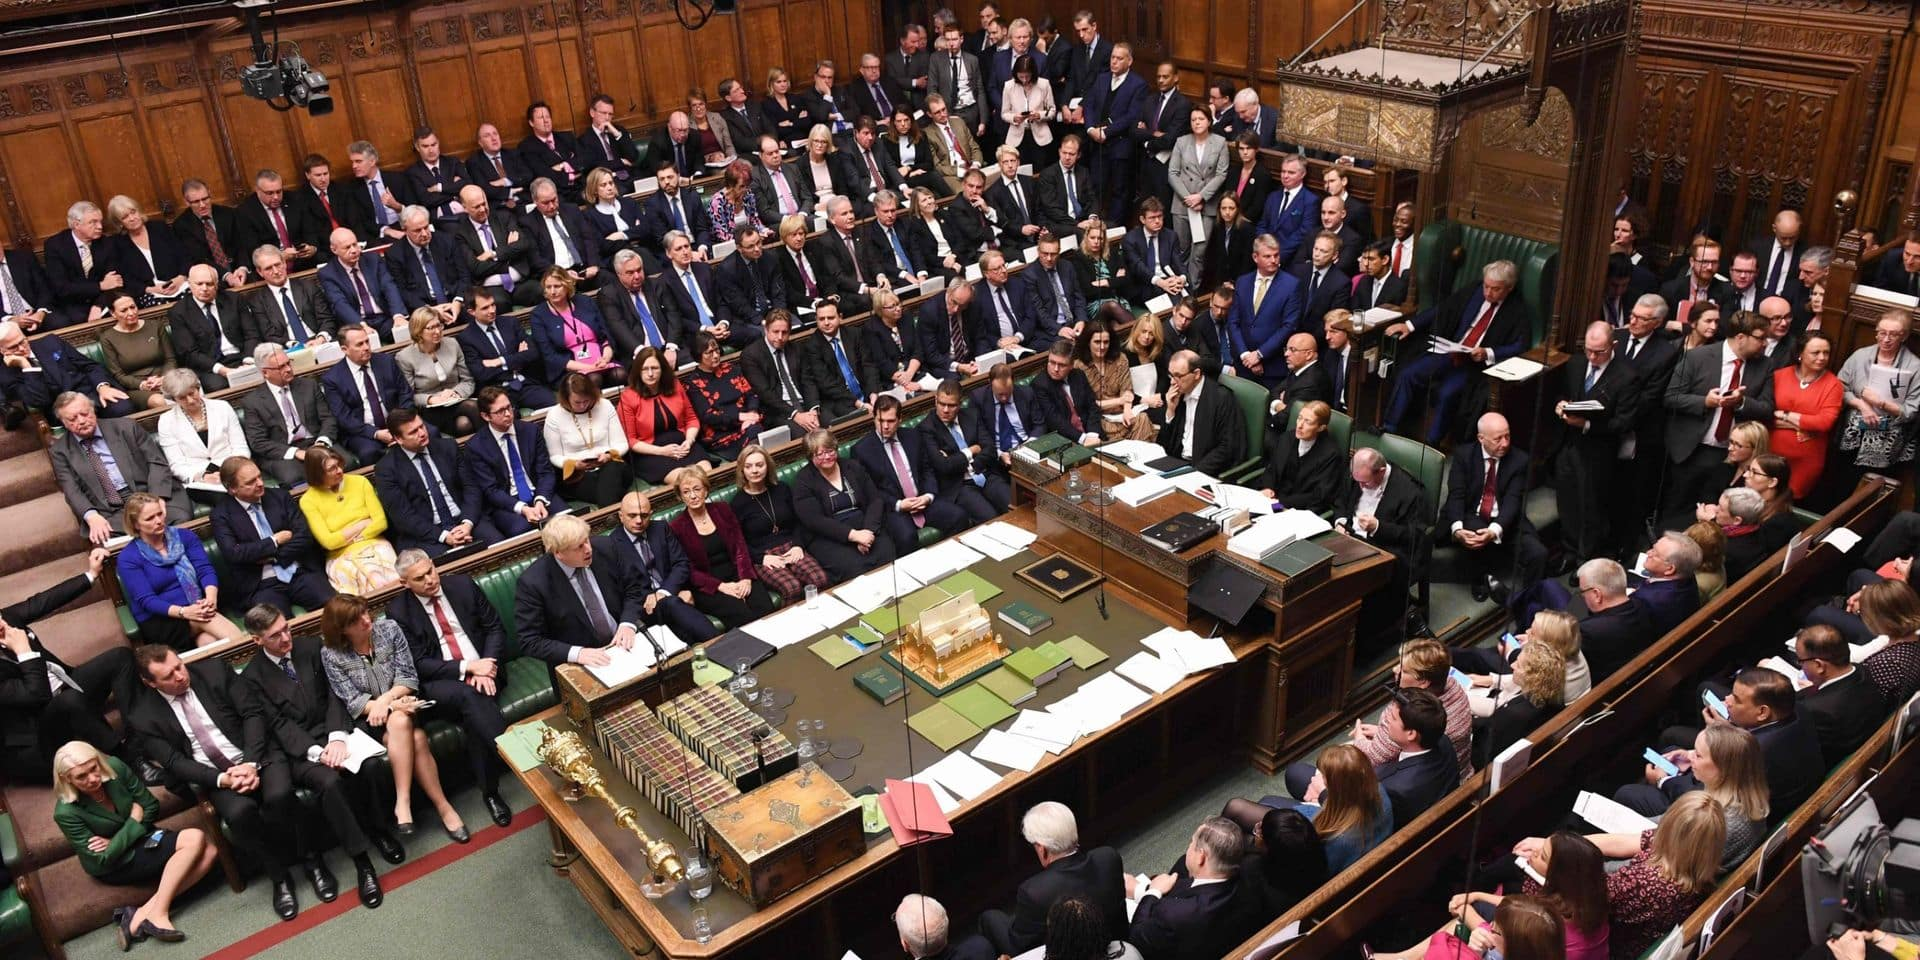 Les députés britanniques reportent leur décision sur l'accord de Brexit